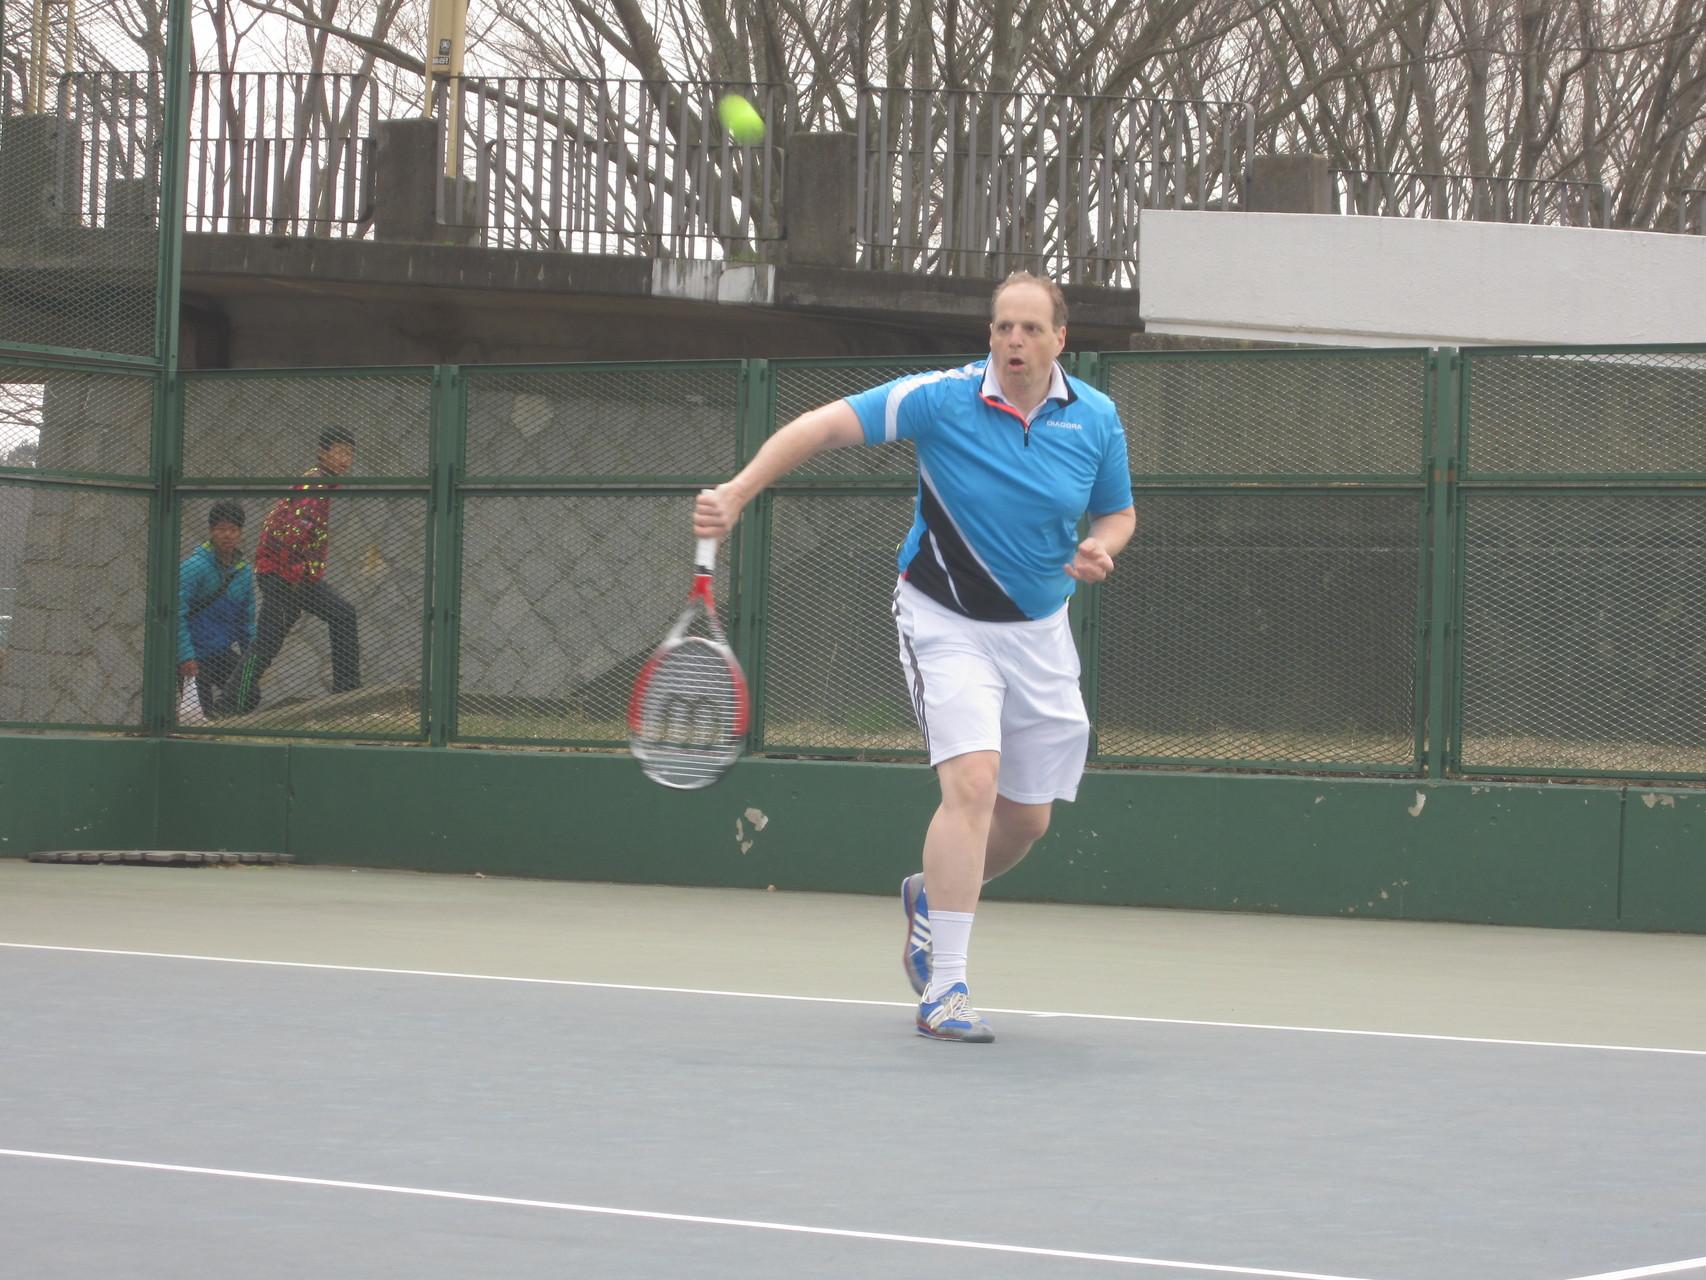 14.ニコラス・レオボルド選手(フランス)